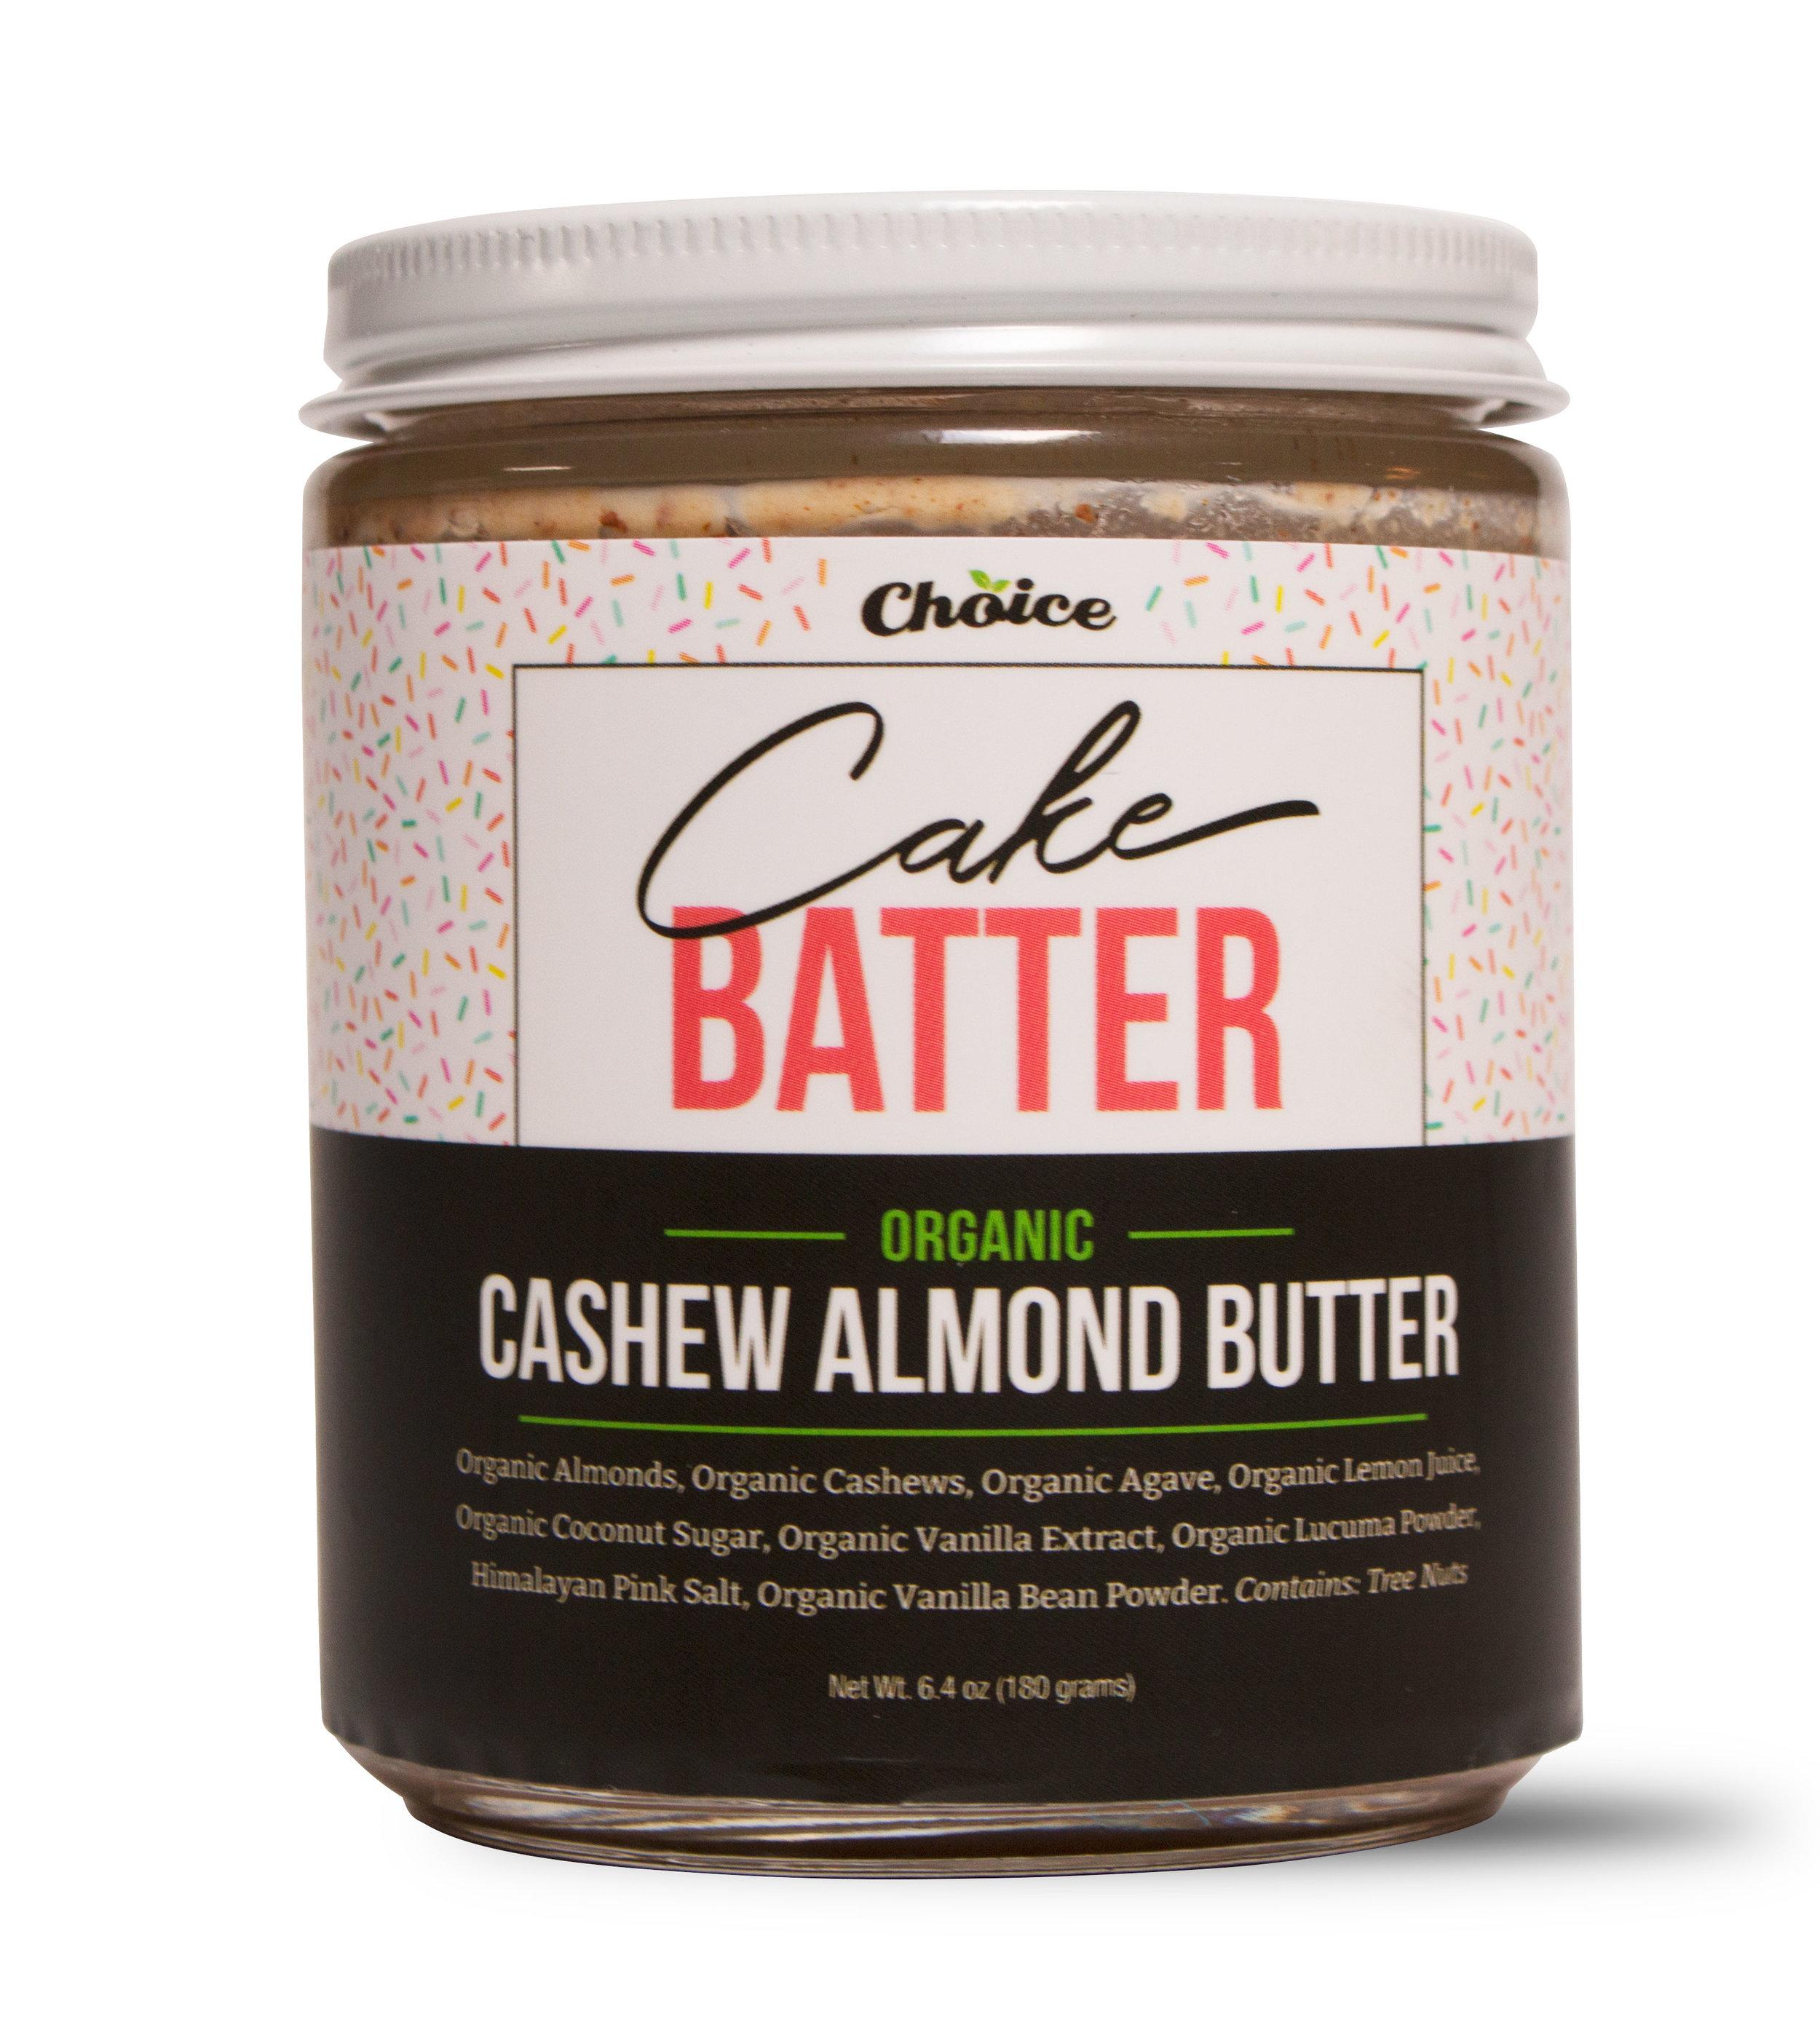 CakeBatter.jpg